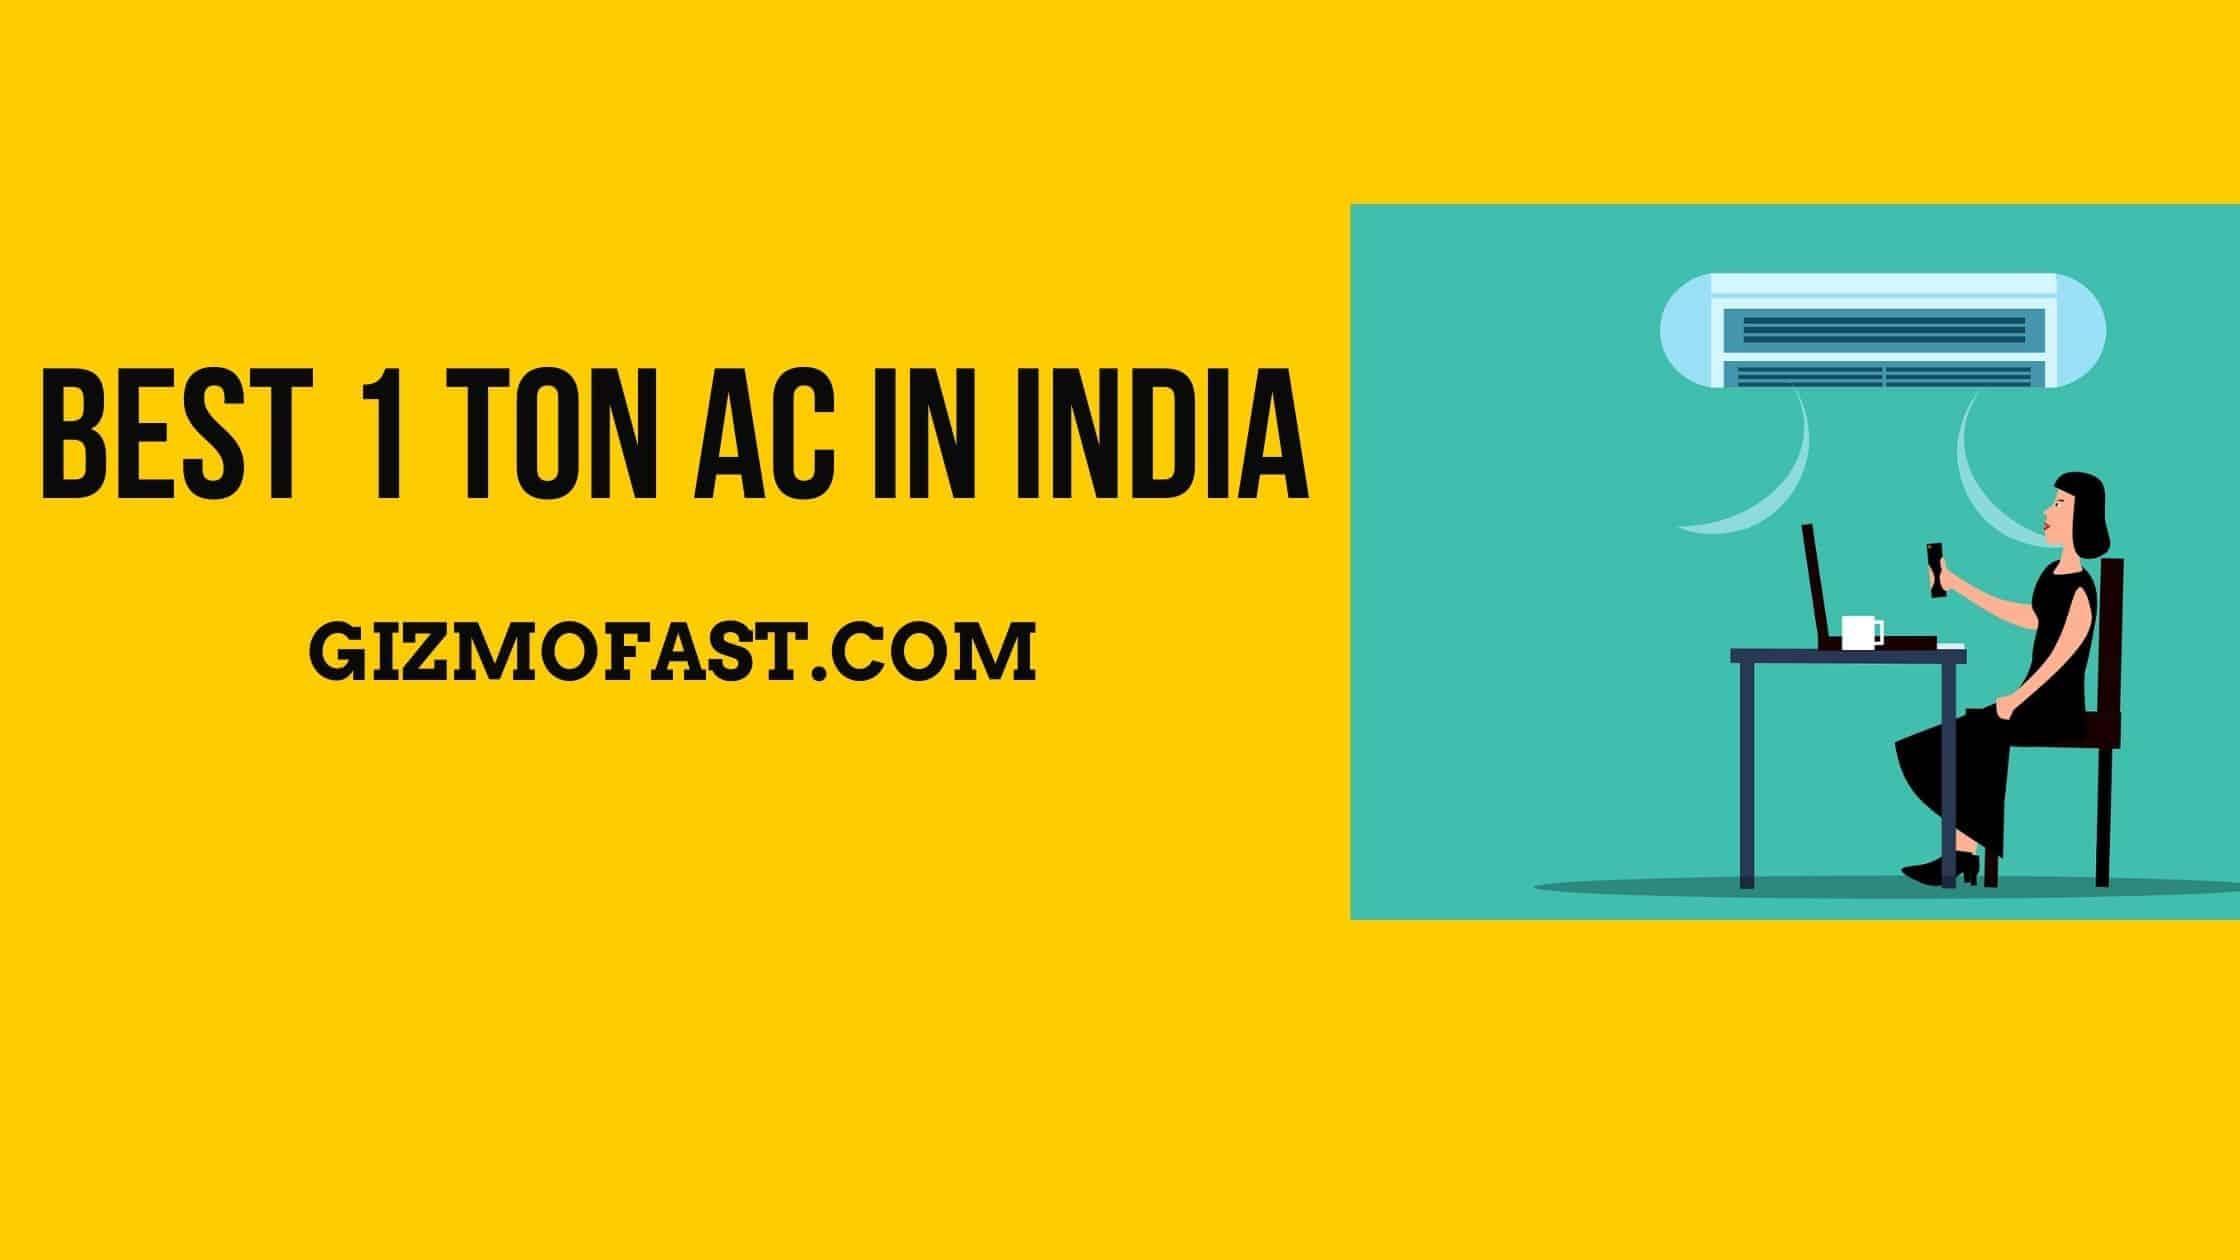 Best 1 Ton AC In India